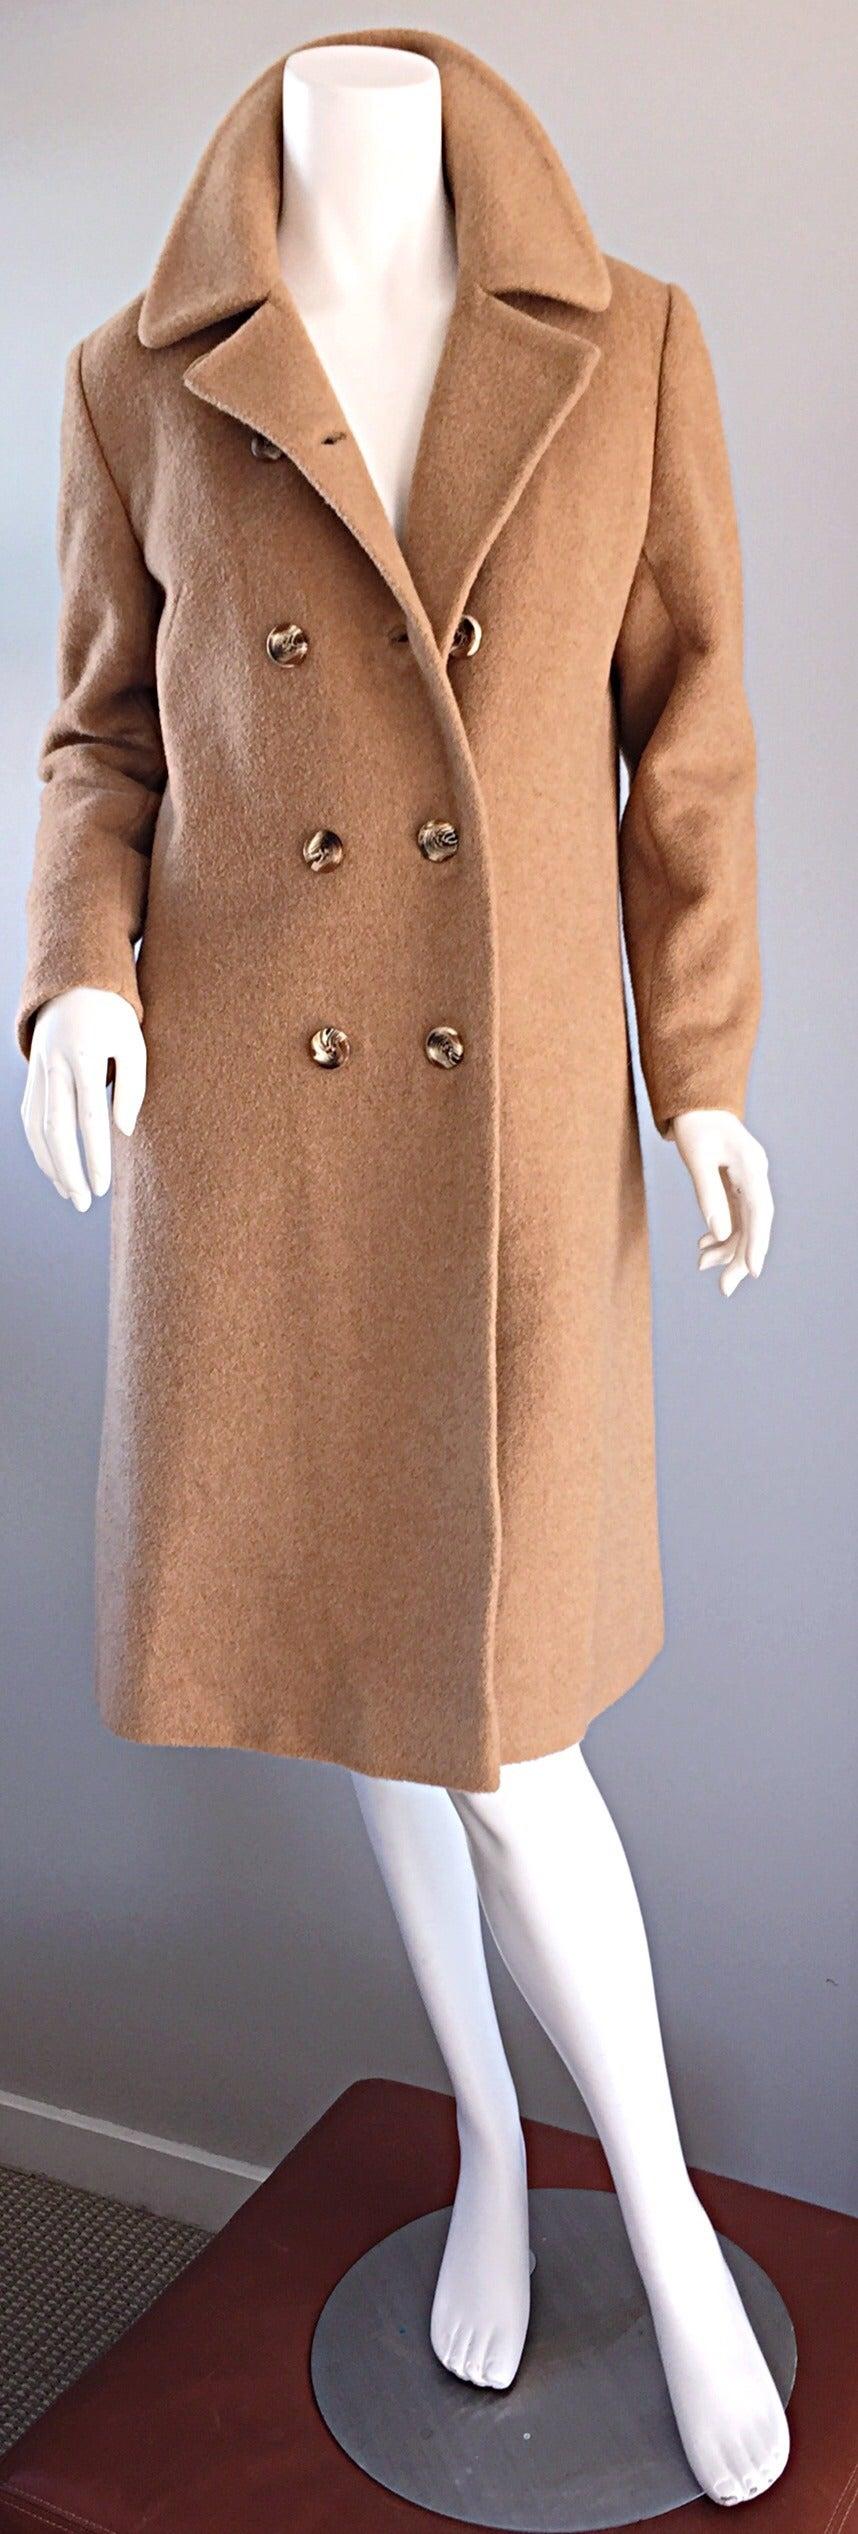 1960s Vintage Camels Hair 60s Designer Camel Coat Jacket 4